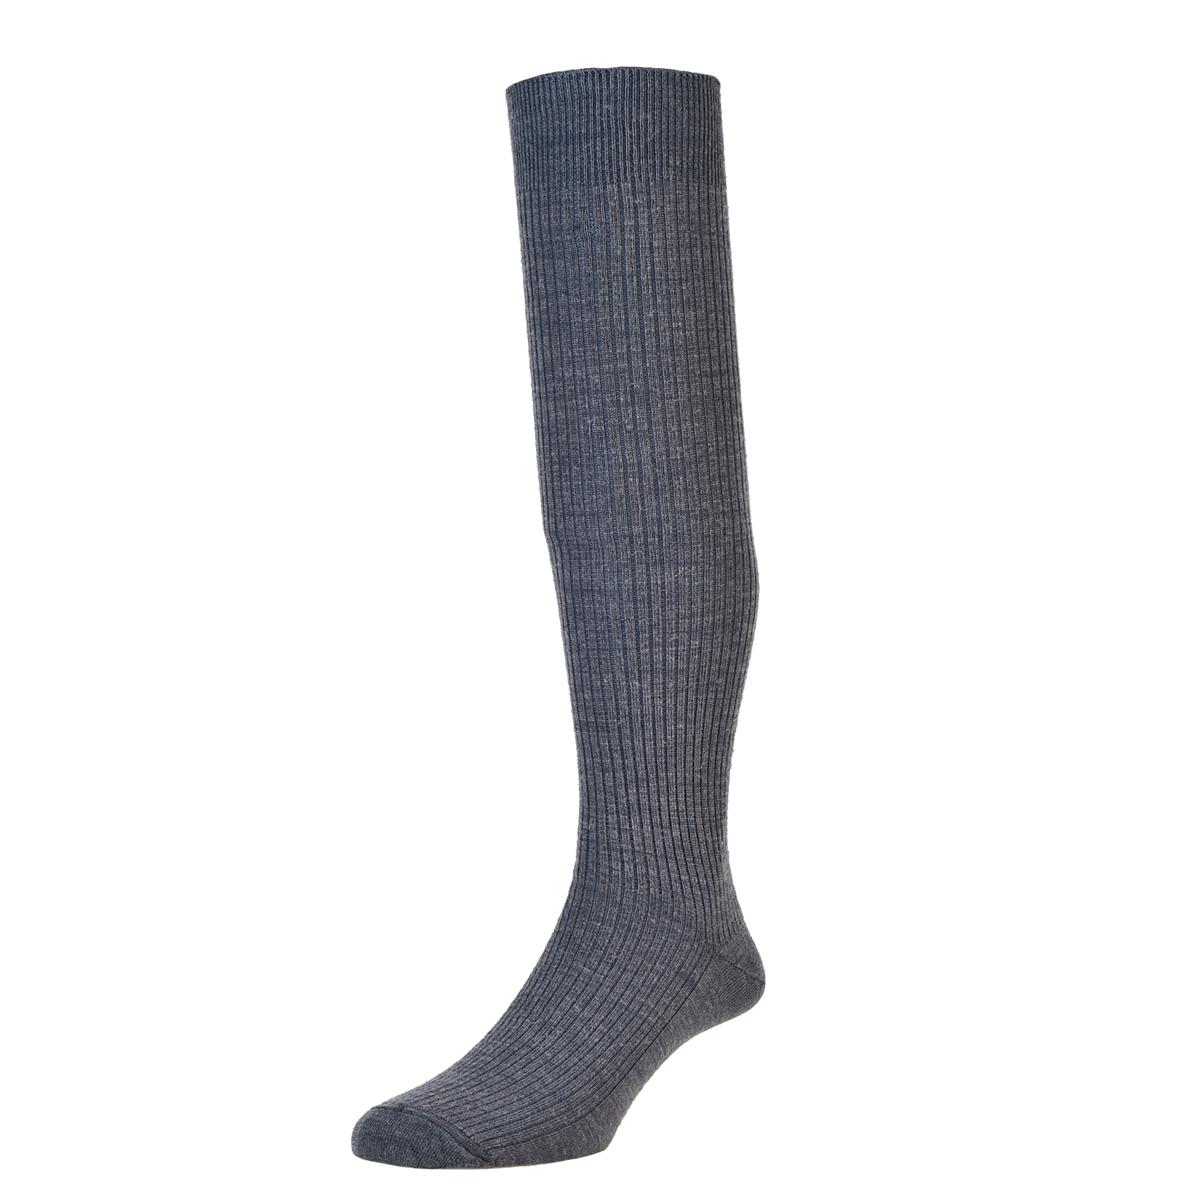 HJ Hall Immaculate Long Knee length Socks, 6-11UK Mid-Grey HJ77